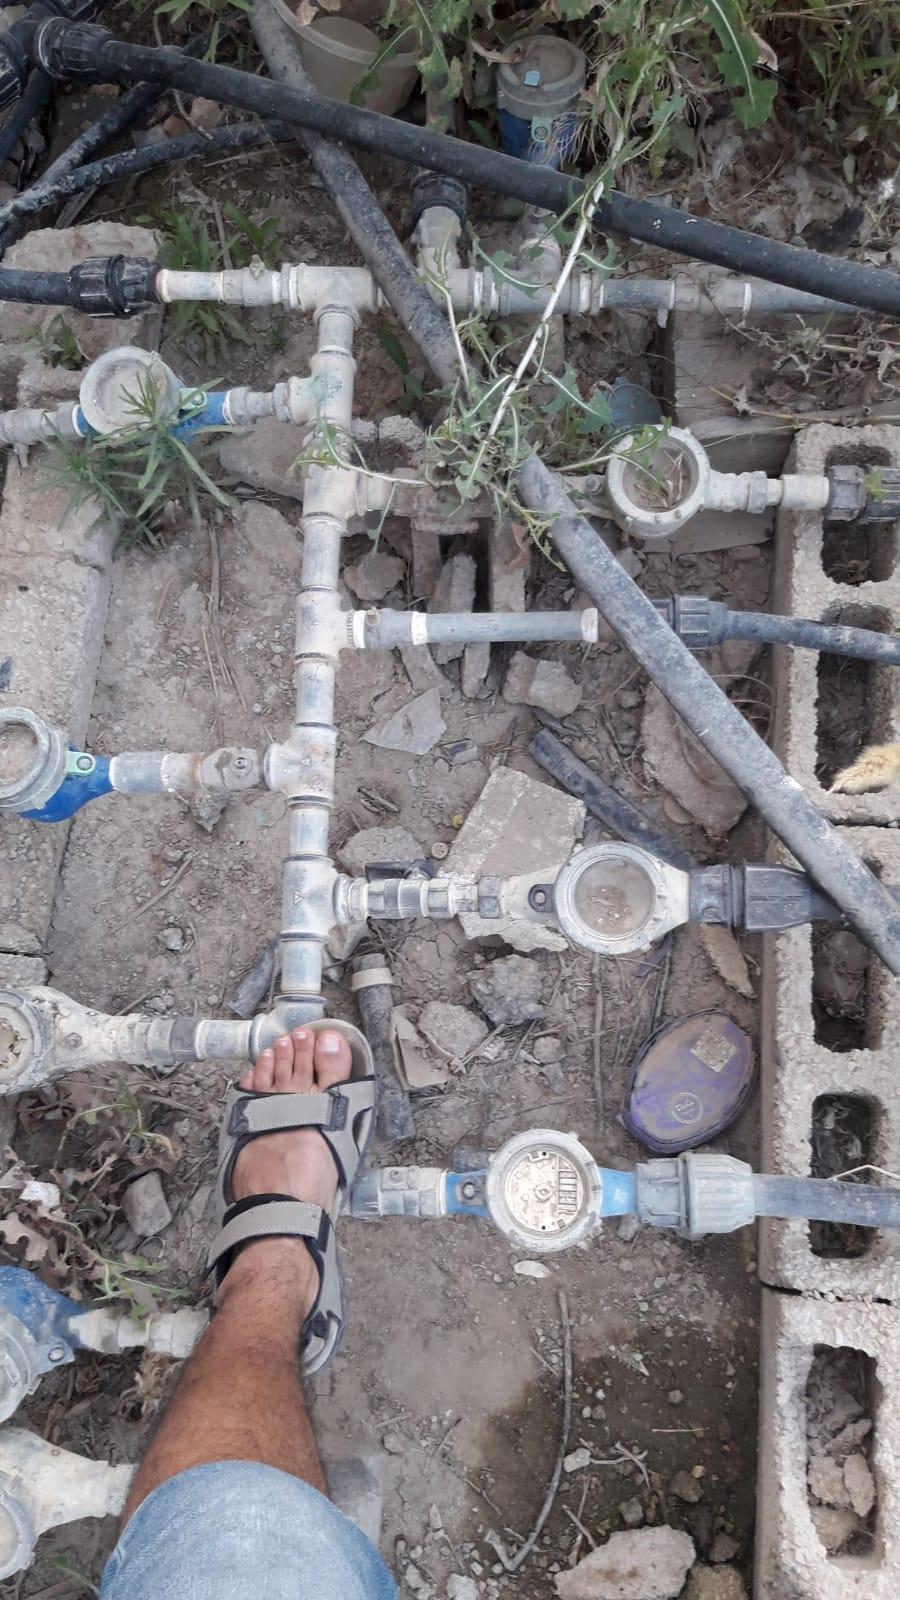 لليوم الرابع: قرية الزرنوق مسلوبة الاعتراف تعاني العطش